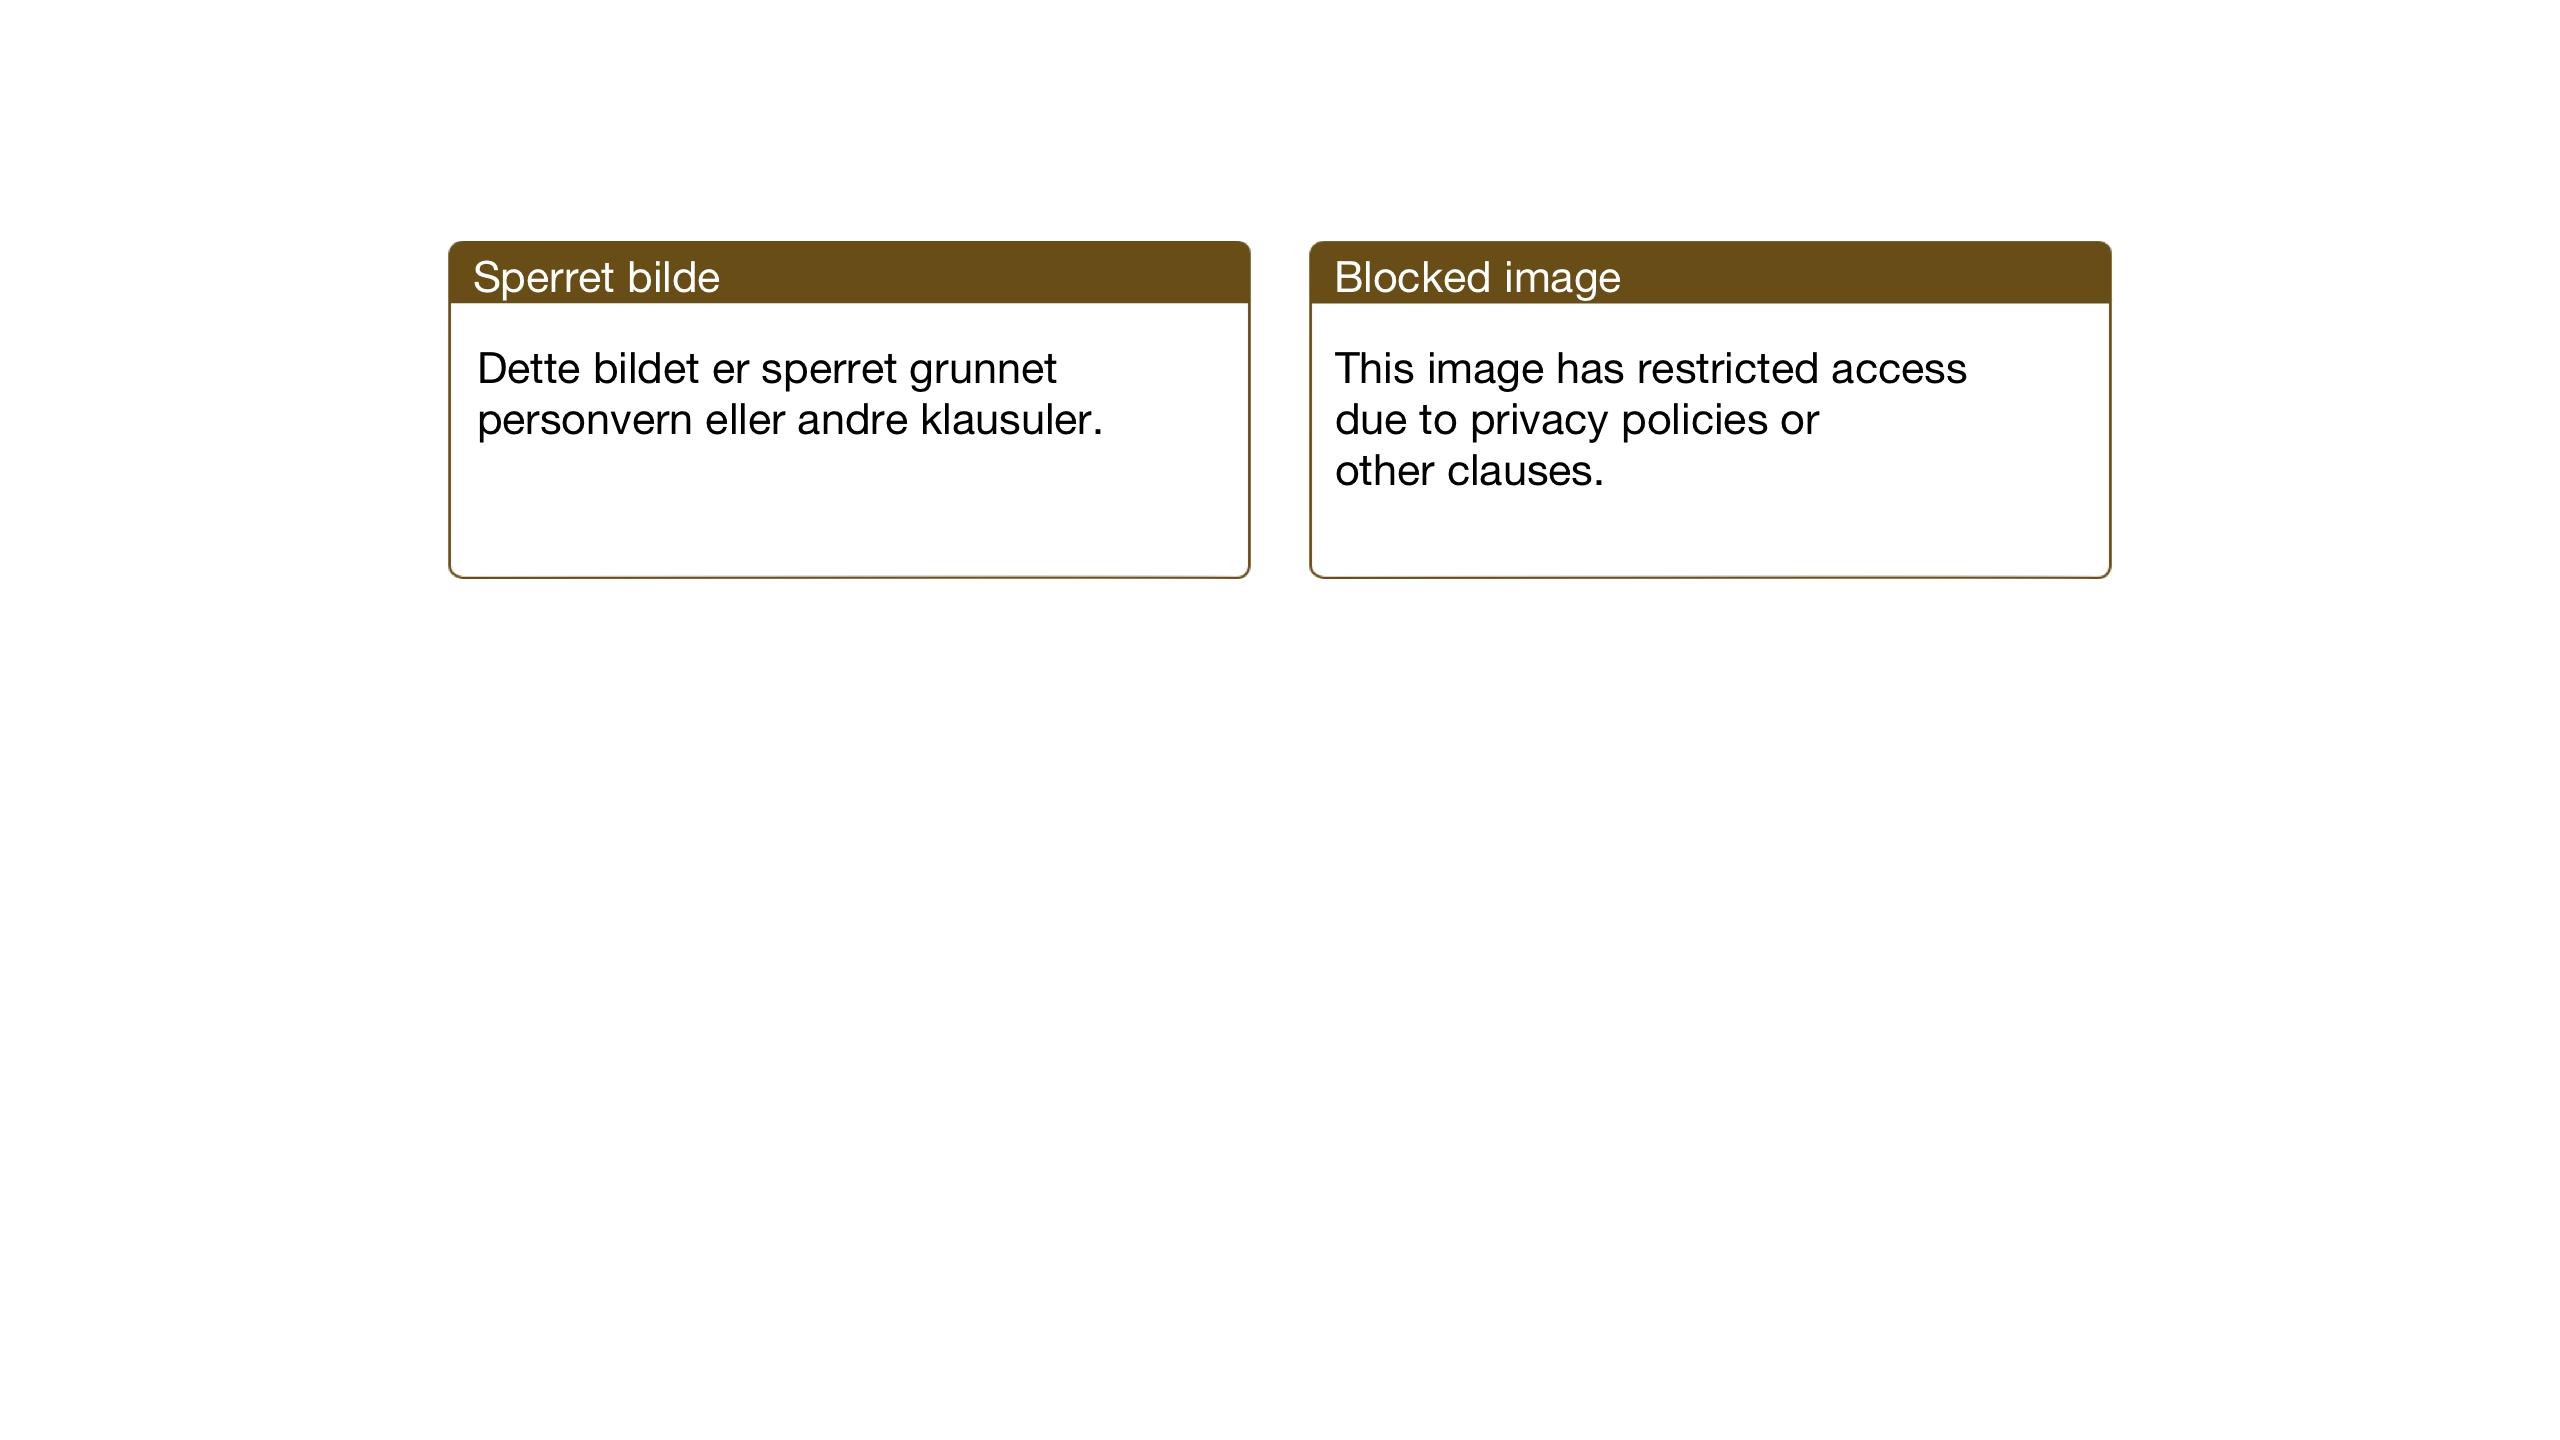 SAT, Ministerialprotokoller, klokkerbøker og fødselsregistre - Sør-Trøndelag, 608/L0343: Klokkerbok nr. 608C09, 1938-1952, s. 23